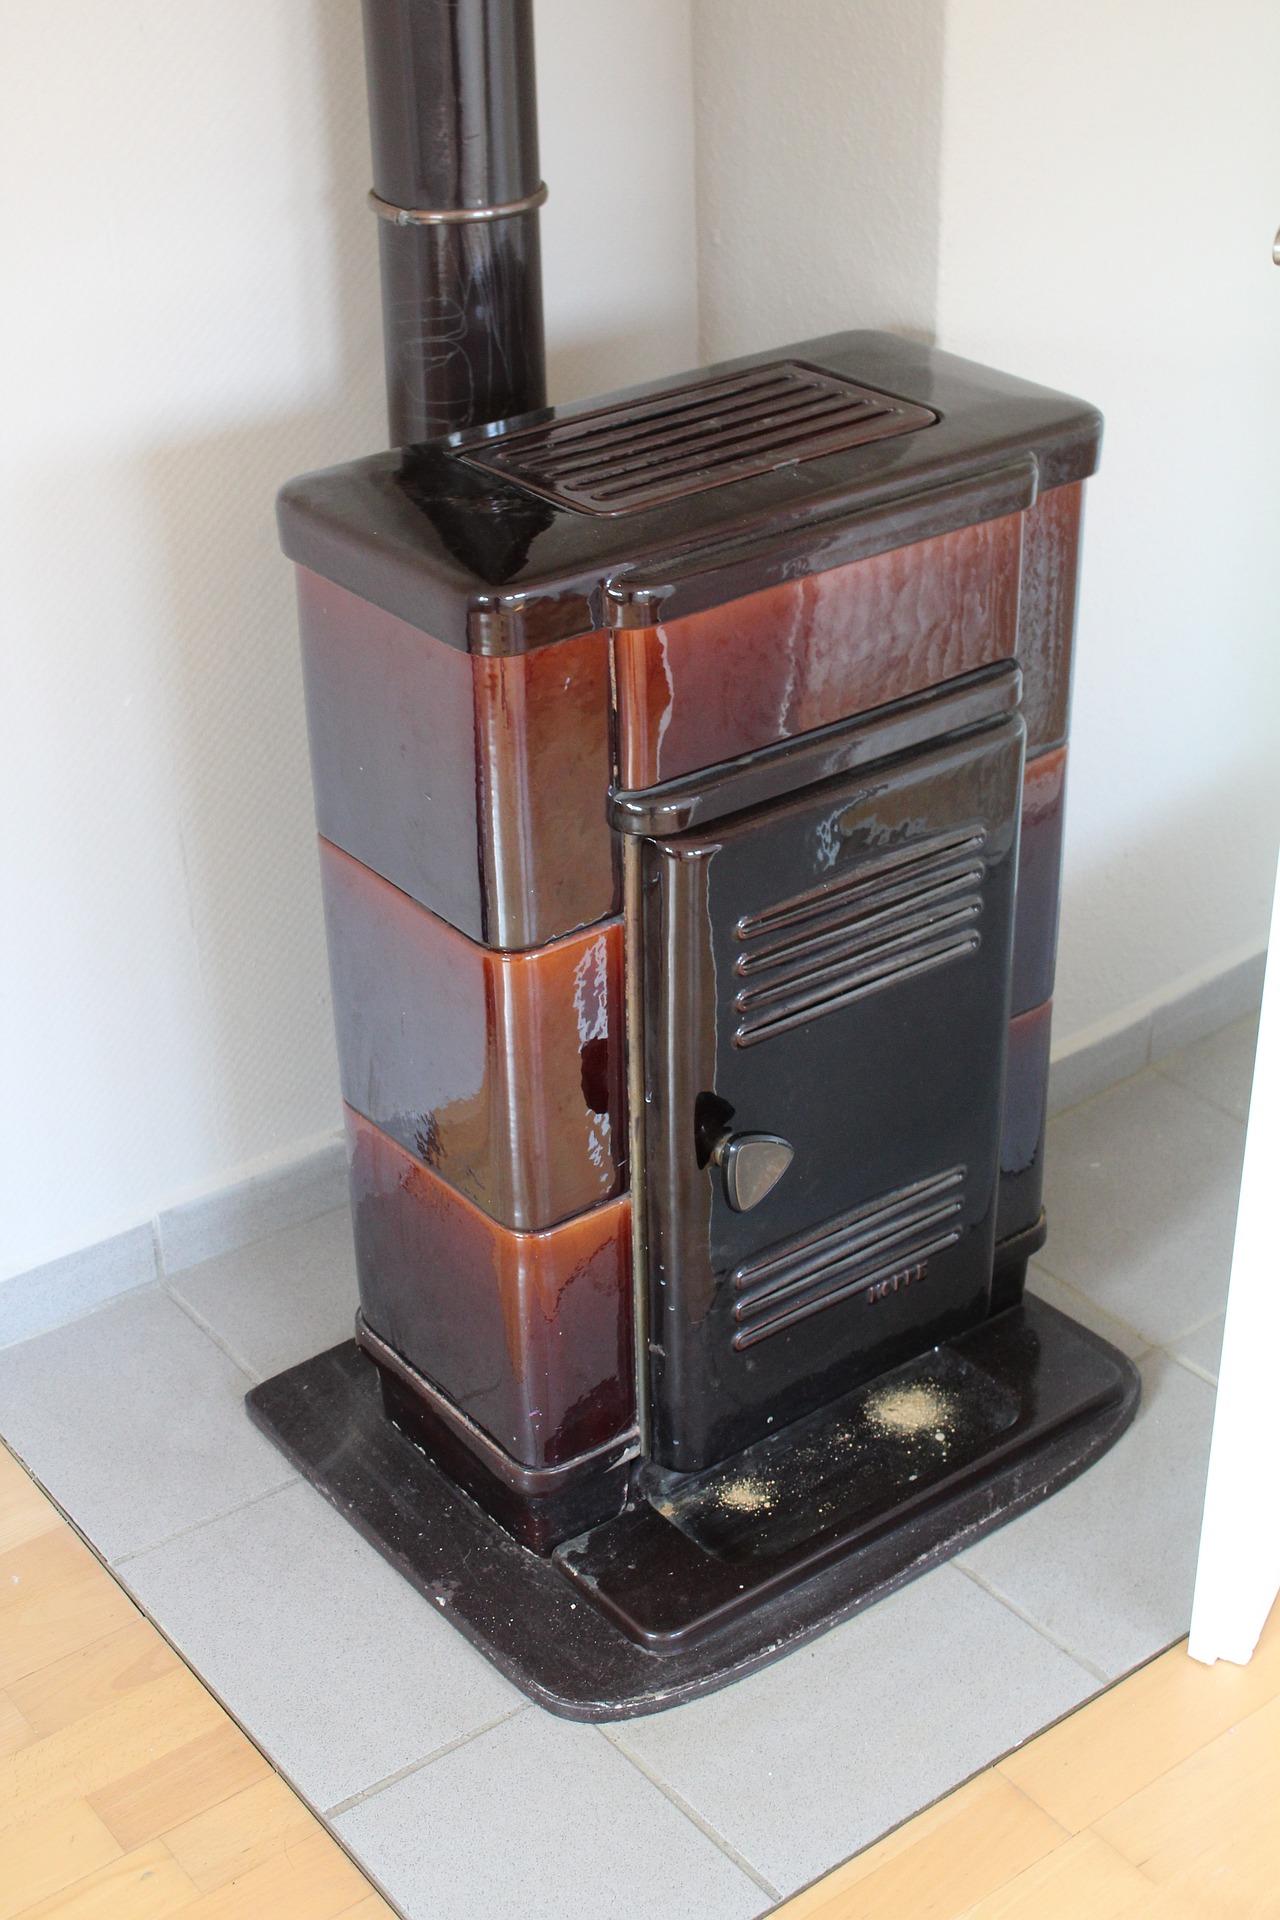 Un chauffage d'appoint à la maison, bonne ou mauvaise idée ? 1